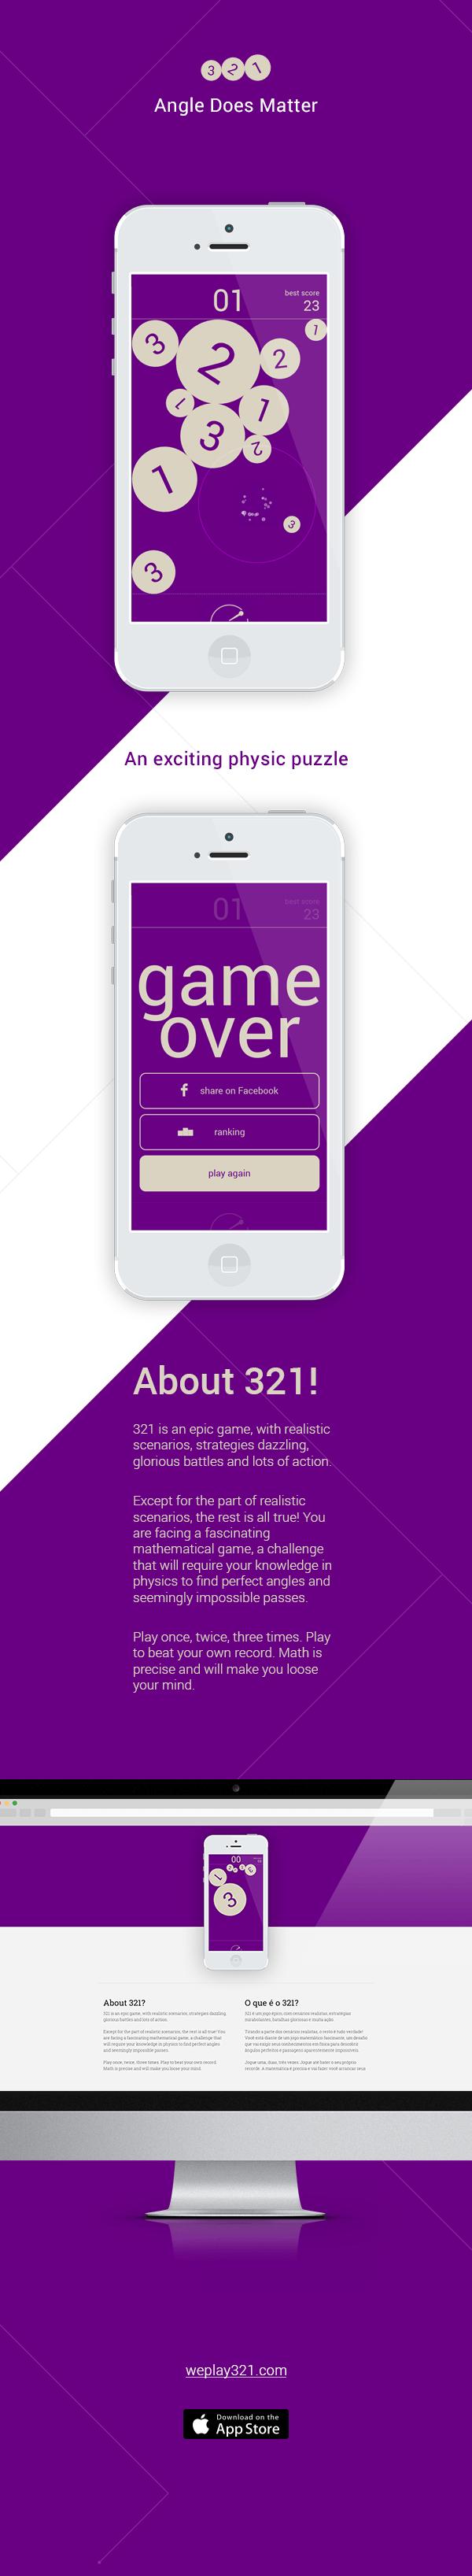 game Phisics puzzle flat flat design ios site app